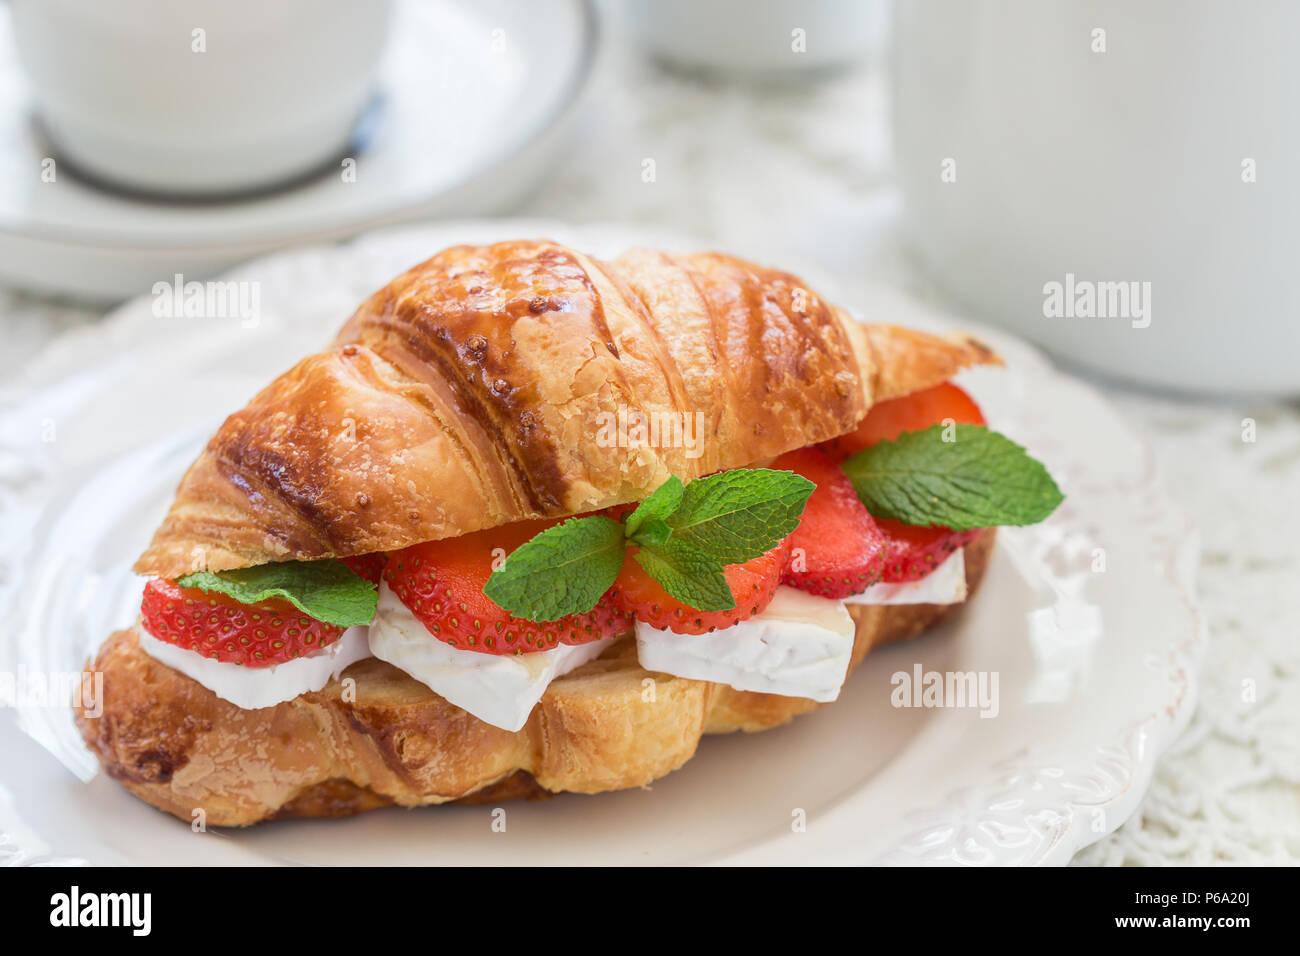 Croissant mit Erdbeeren, Brie Käse oder Camambert und Minze. Köstliches Frühstück. Selektiver Fokus Stockbild